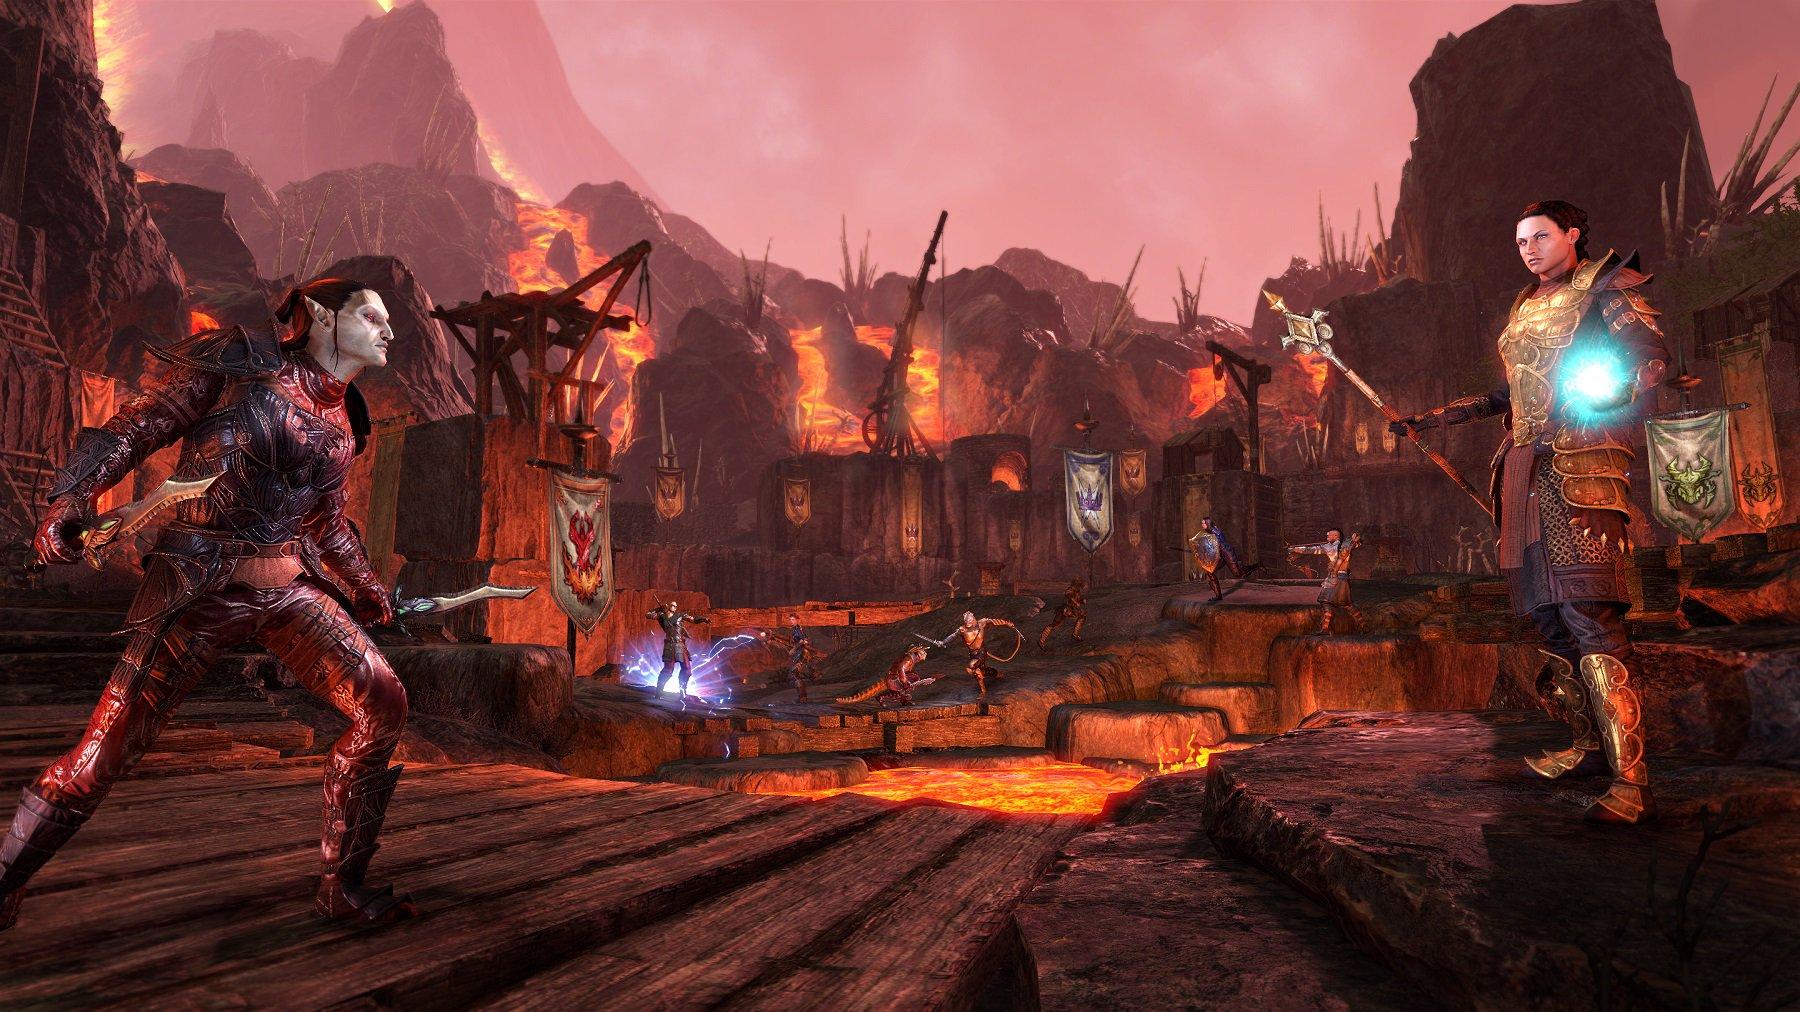 ESO Addon Morrowind